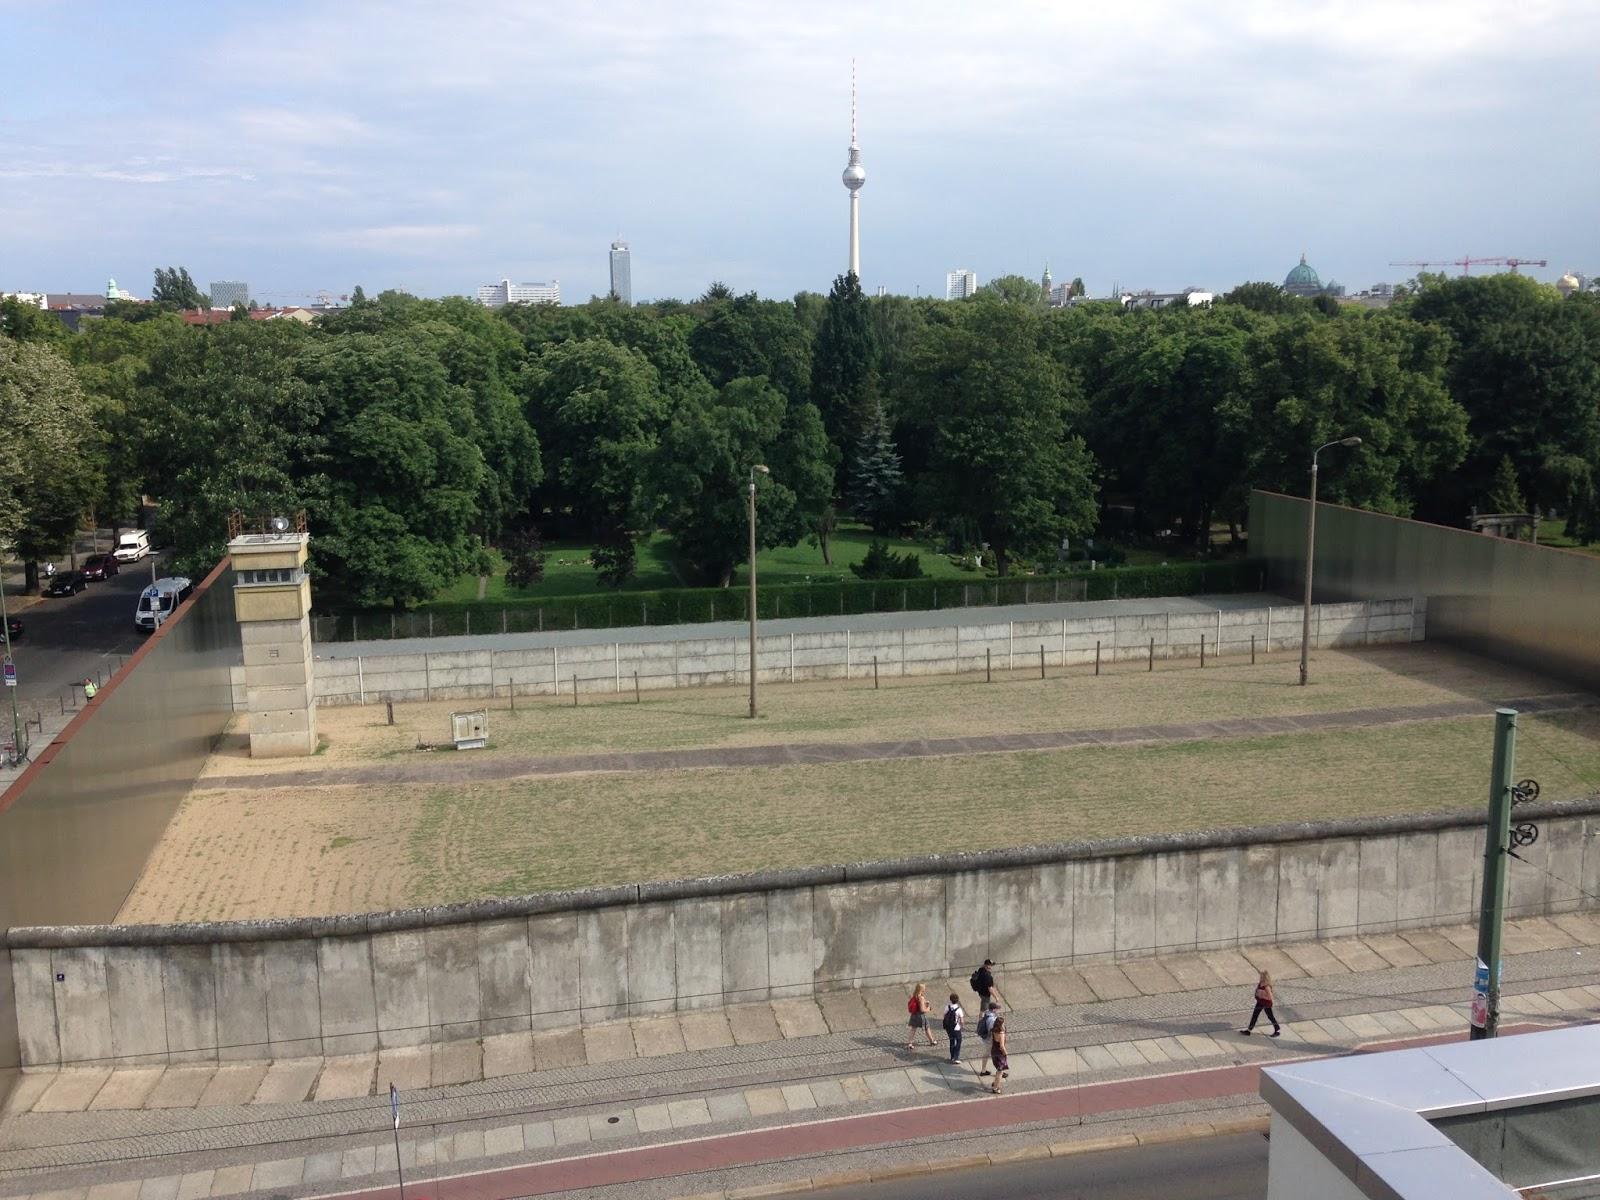 ベルリンの壁ってそういうことだったのか 琵琶湖県民ミナミの世界一周